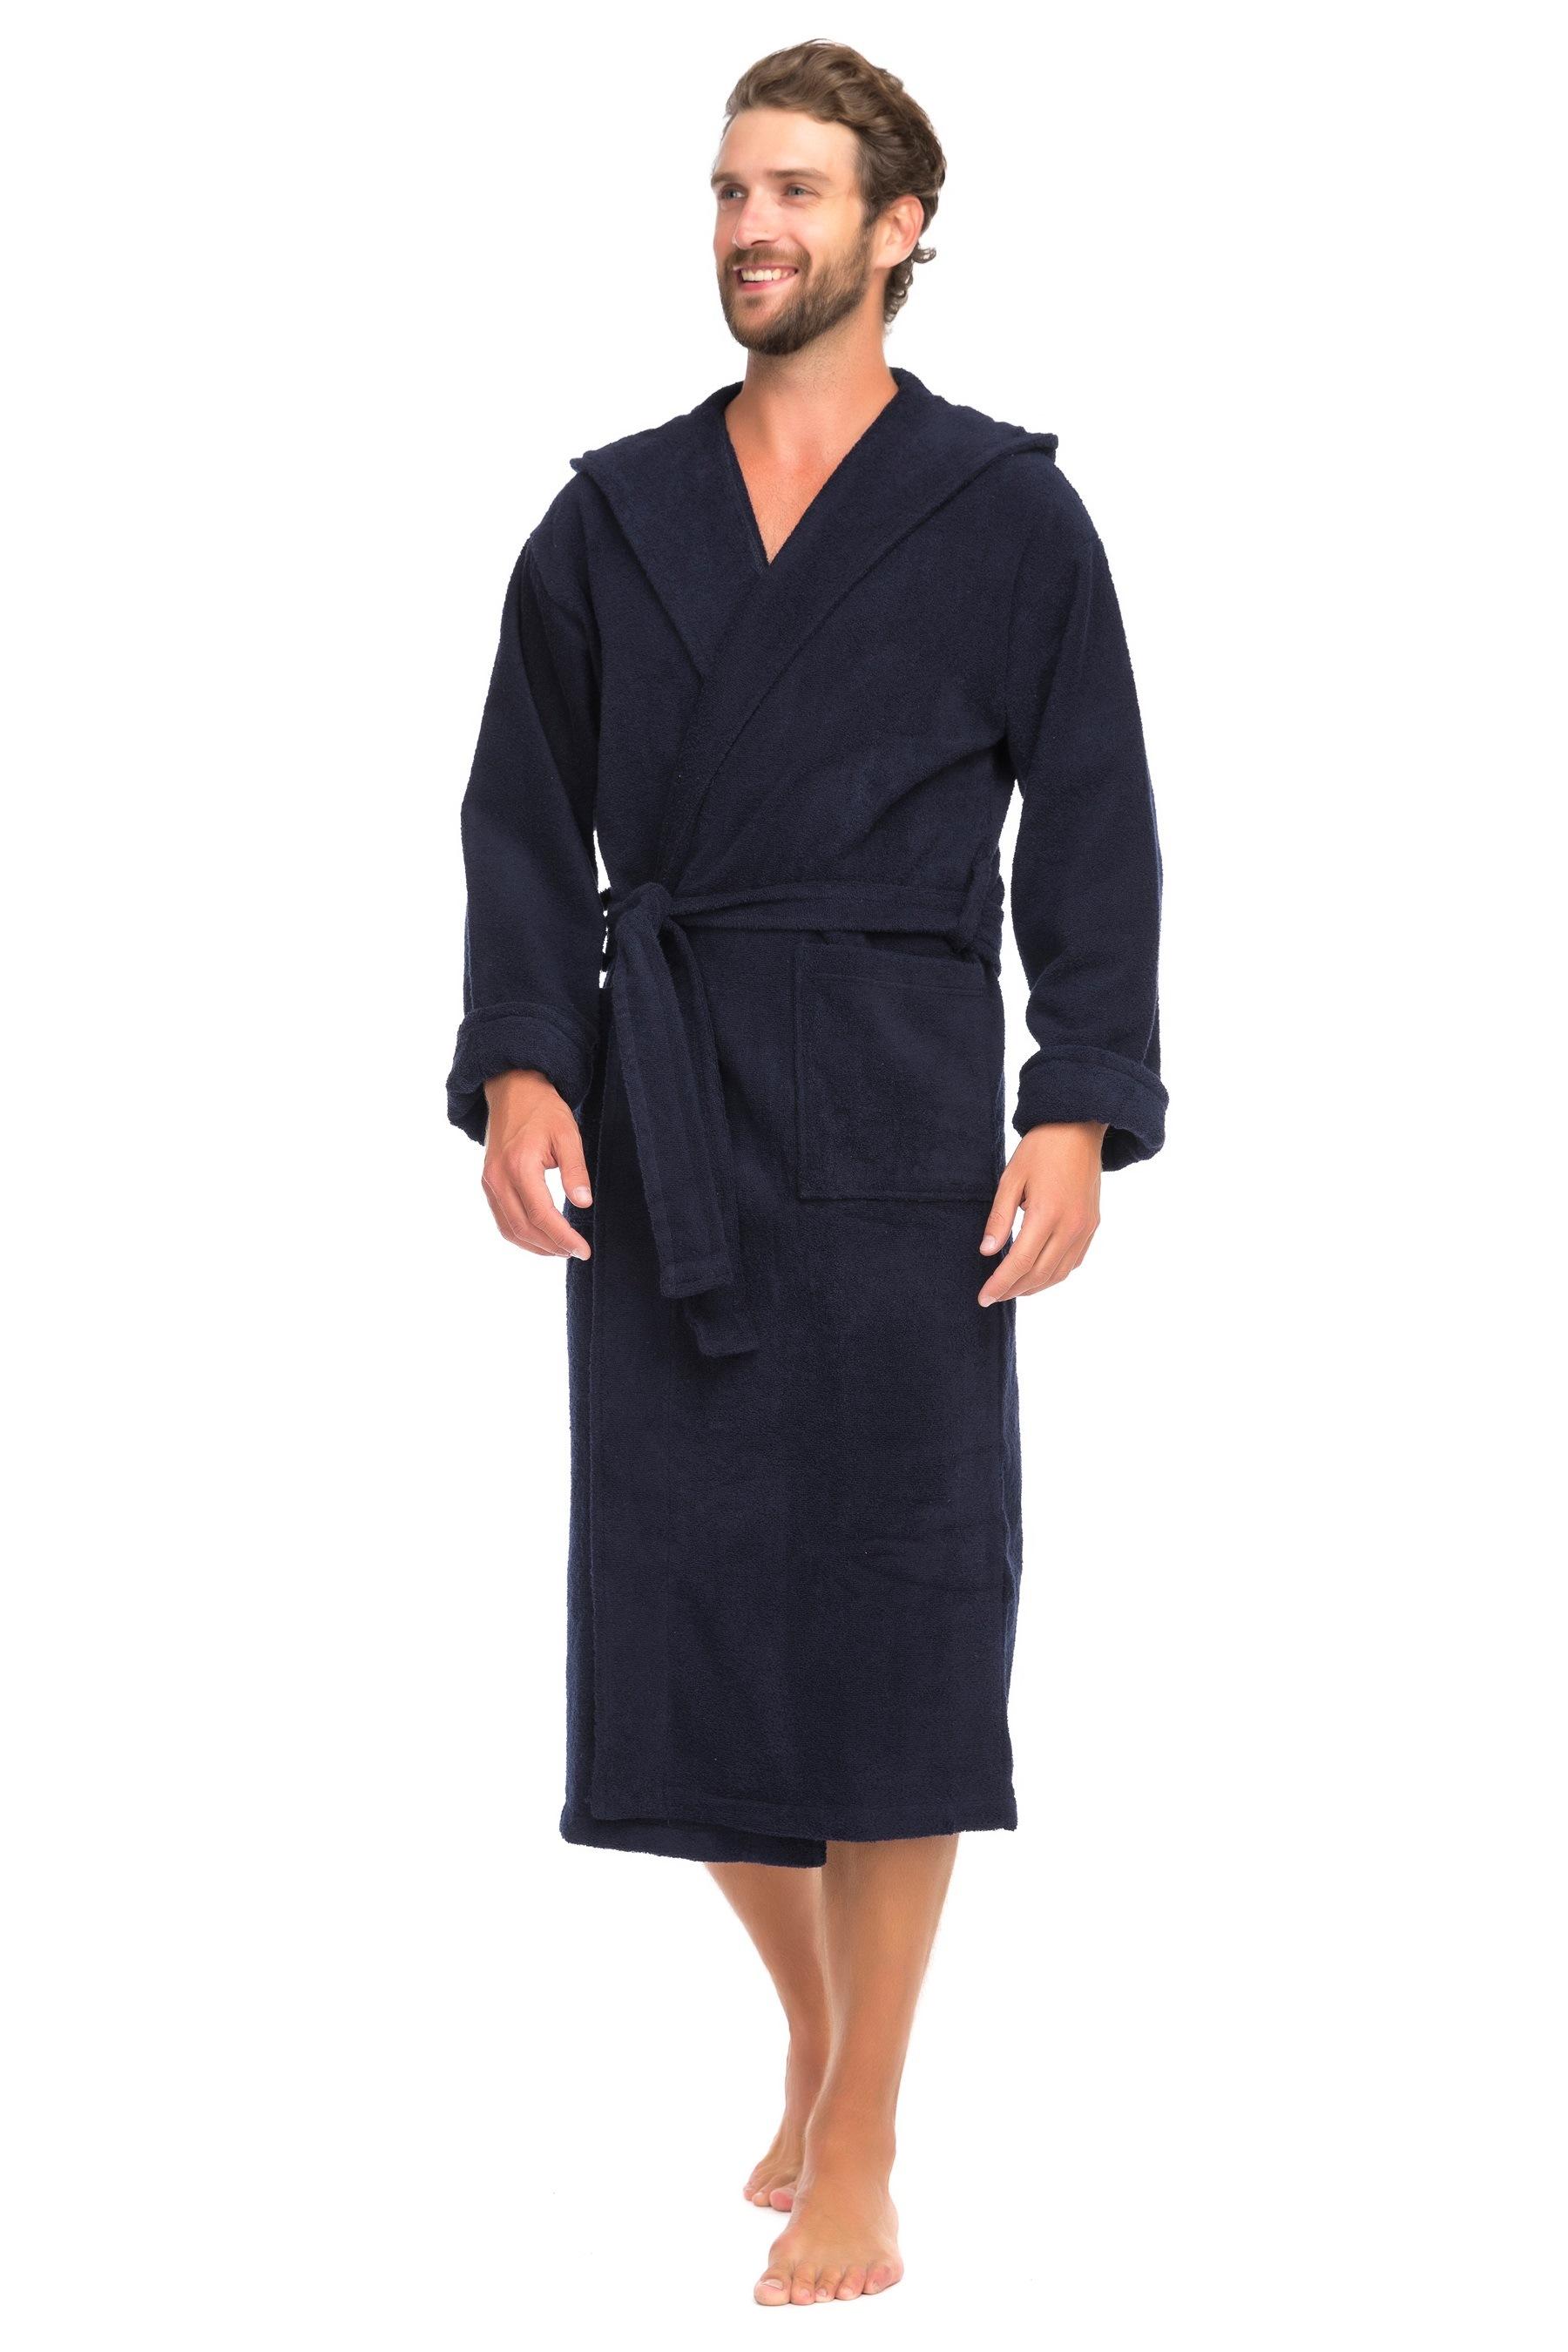 Мужской махровый халат с капюшоном SPORT&Life (Е 901-1), цвет тёмно-синий, размер 46-48 SPORT&Life по цене 3 200